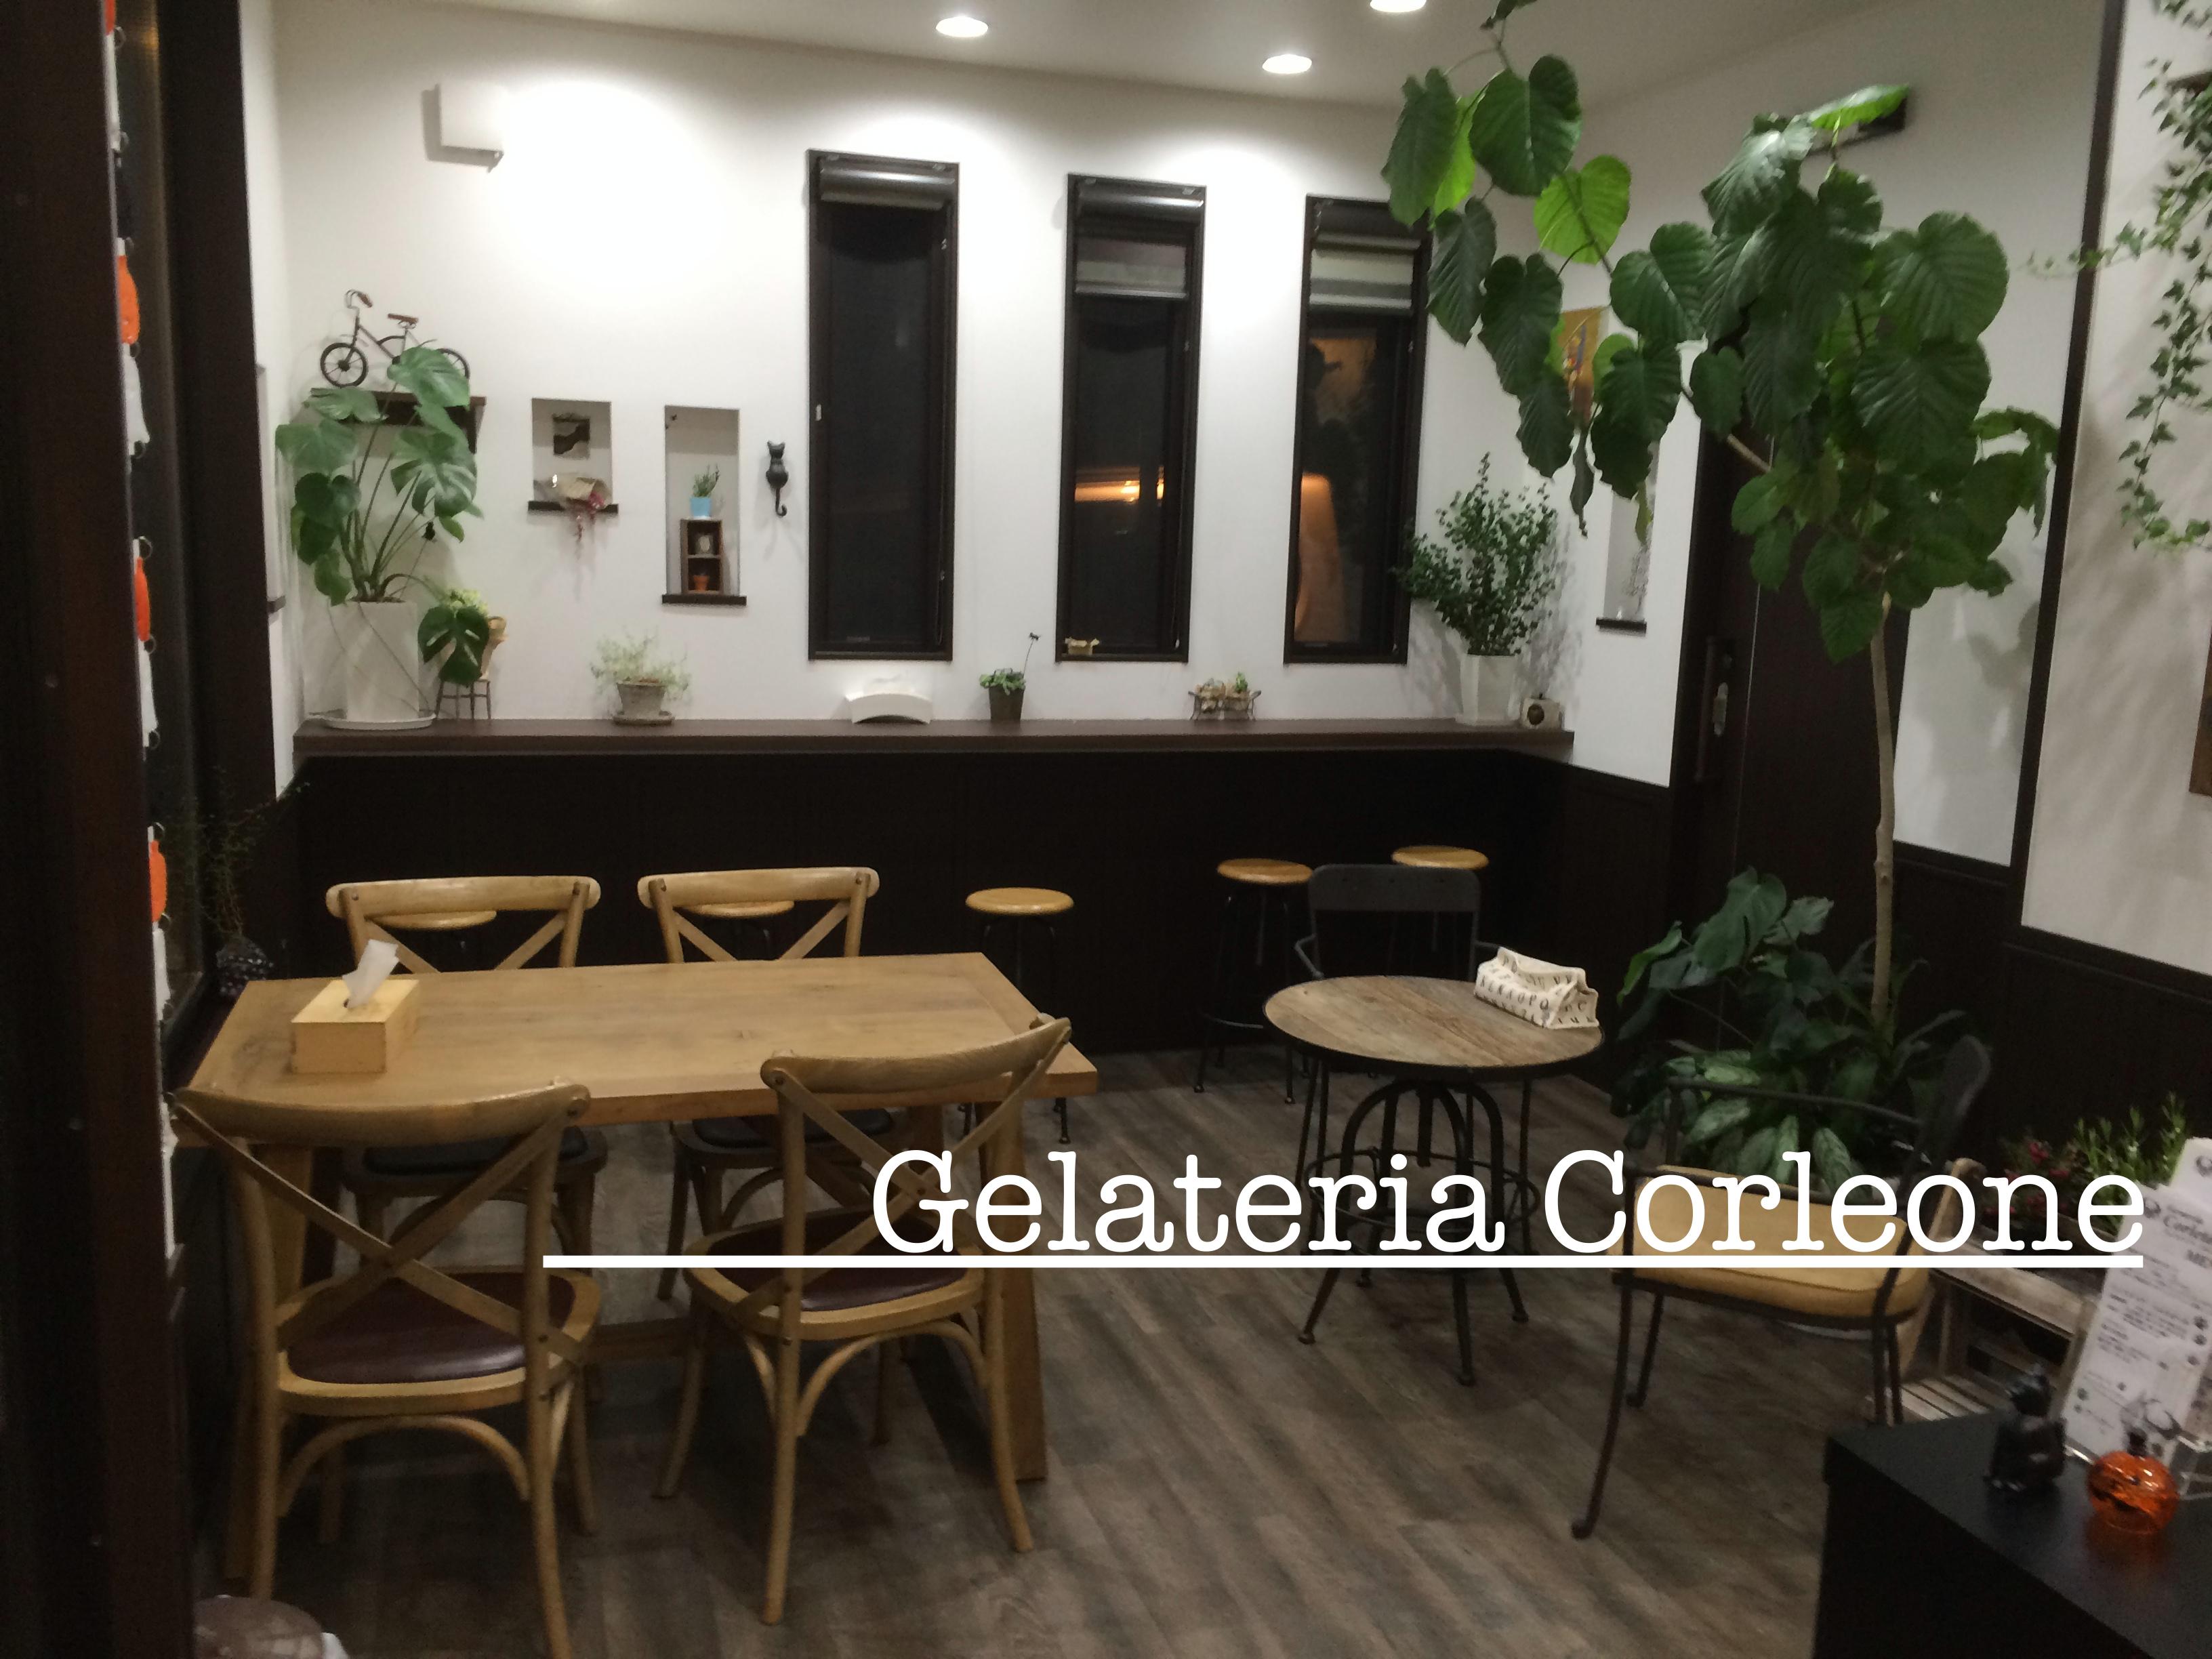 菊川市のジェラート屋、ジャラテリア・コルリオーネに行って来ました。